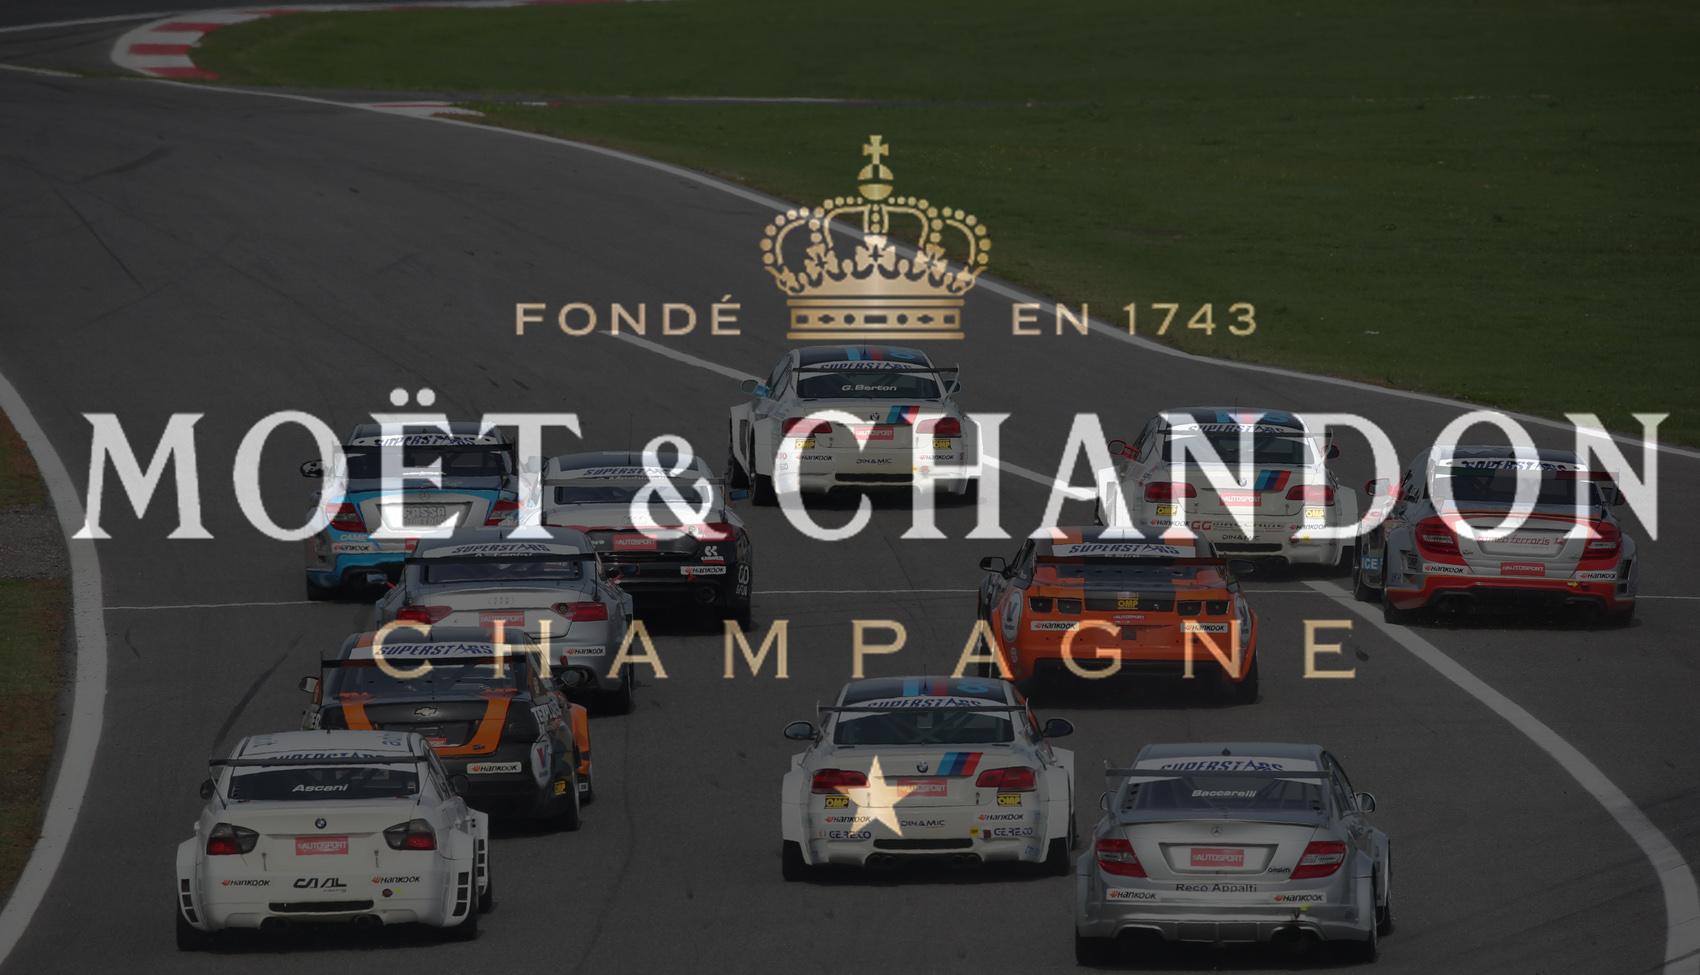 Moët & Chandon champagne della EUROV8series